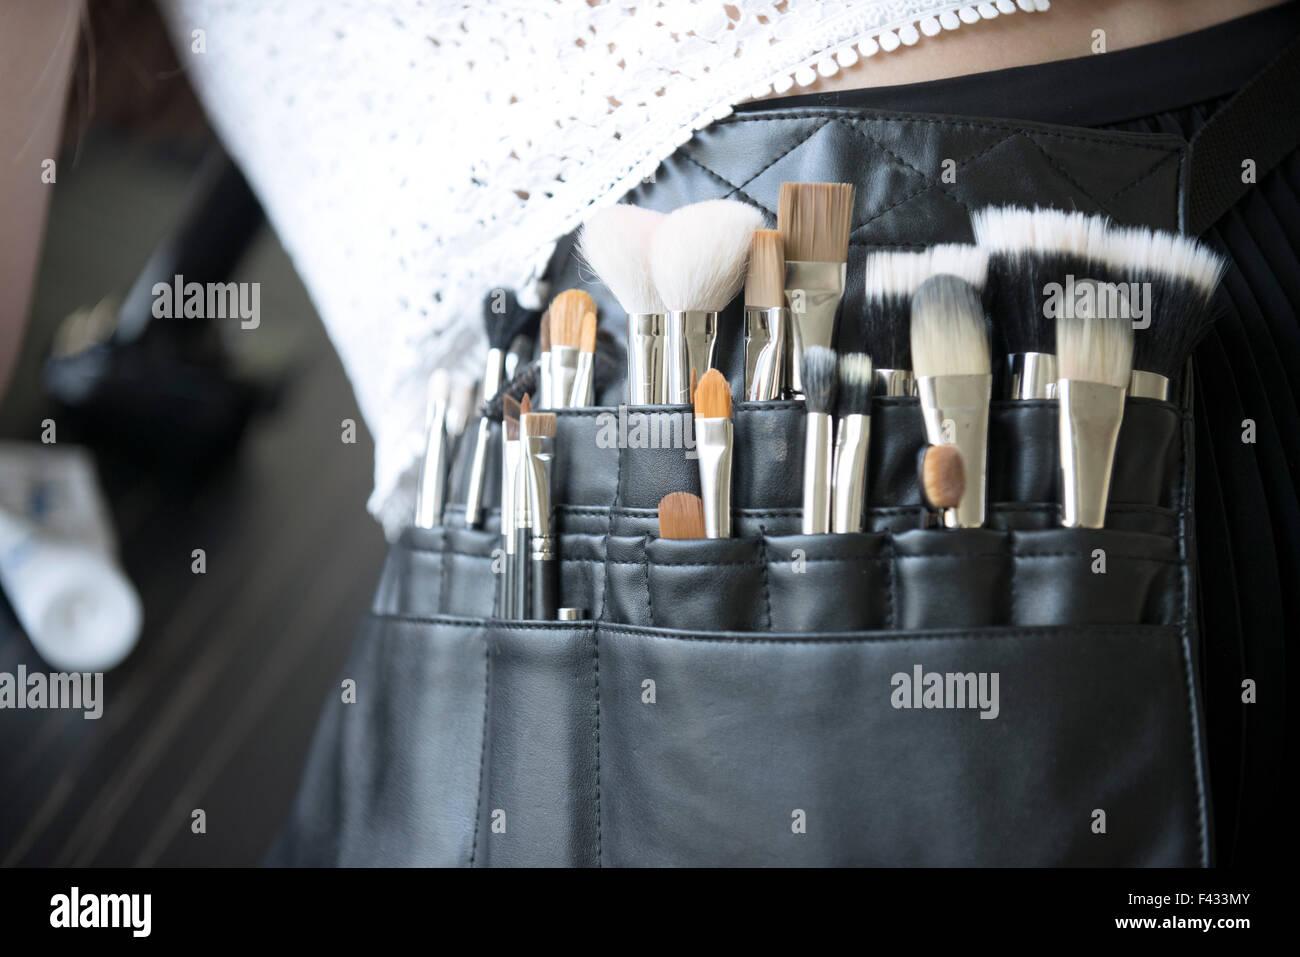 Le pinceau de maquillage pochette, close-up Photo Stock